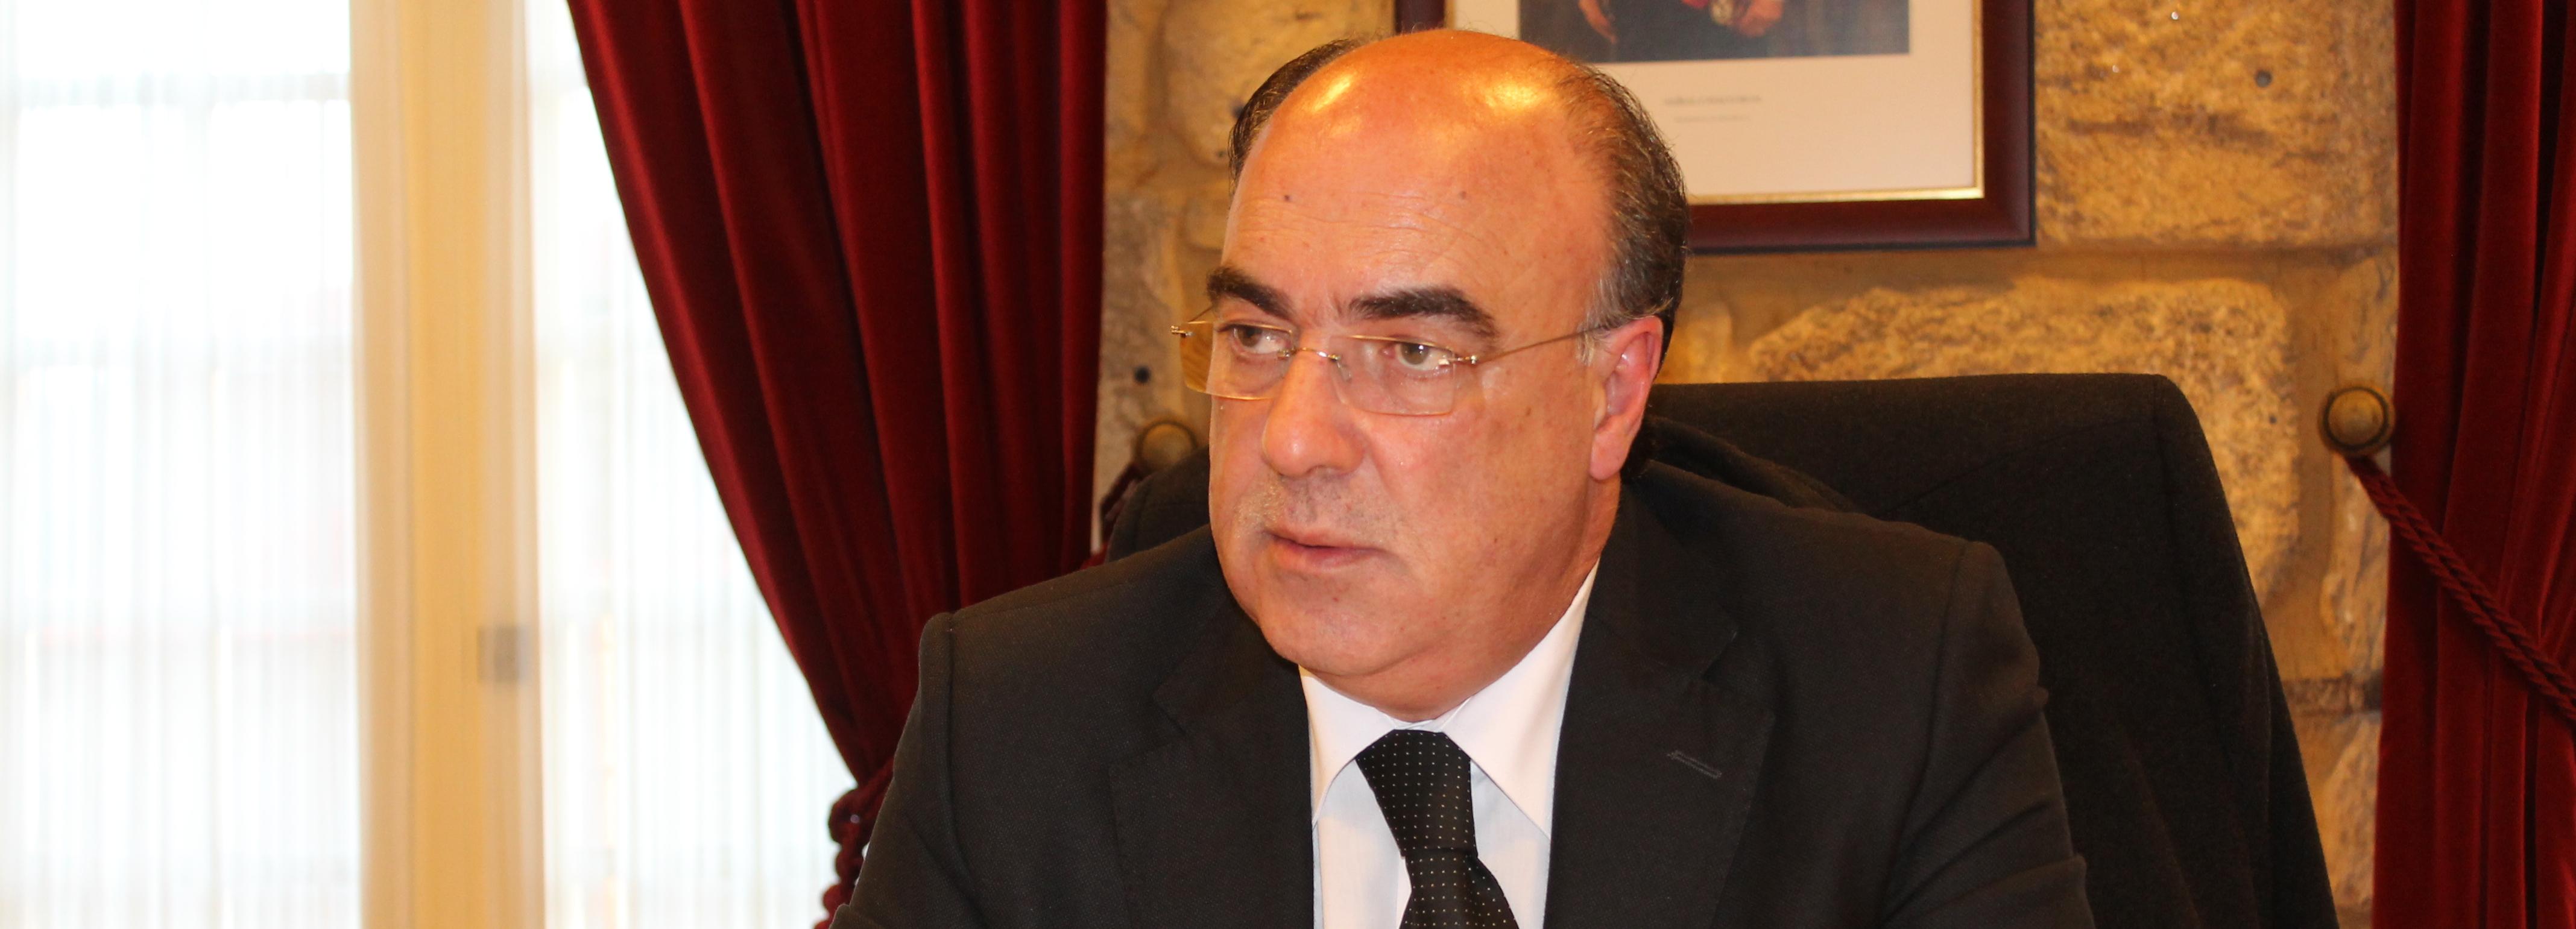 Câmara Municipal aprova apoios às associações e às freguesias